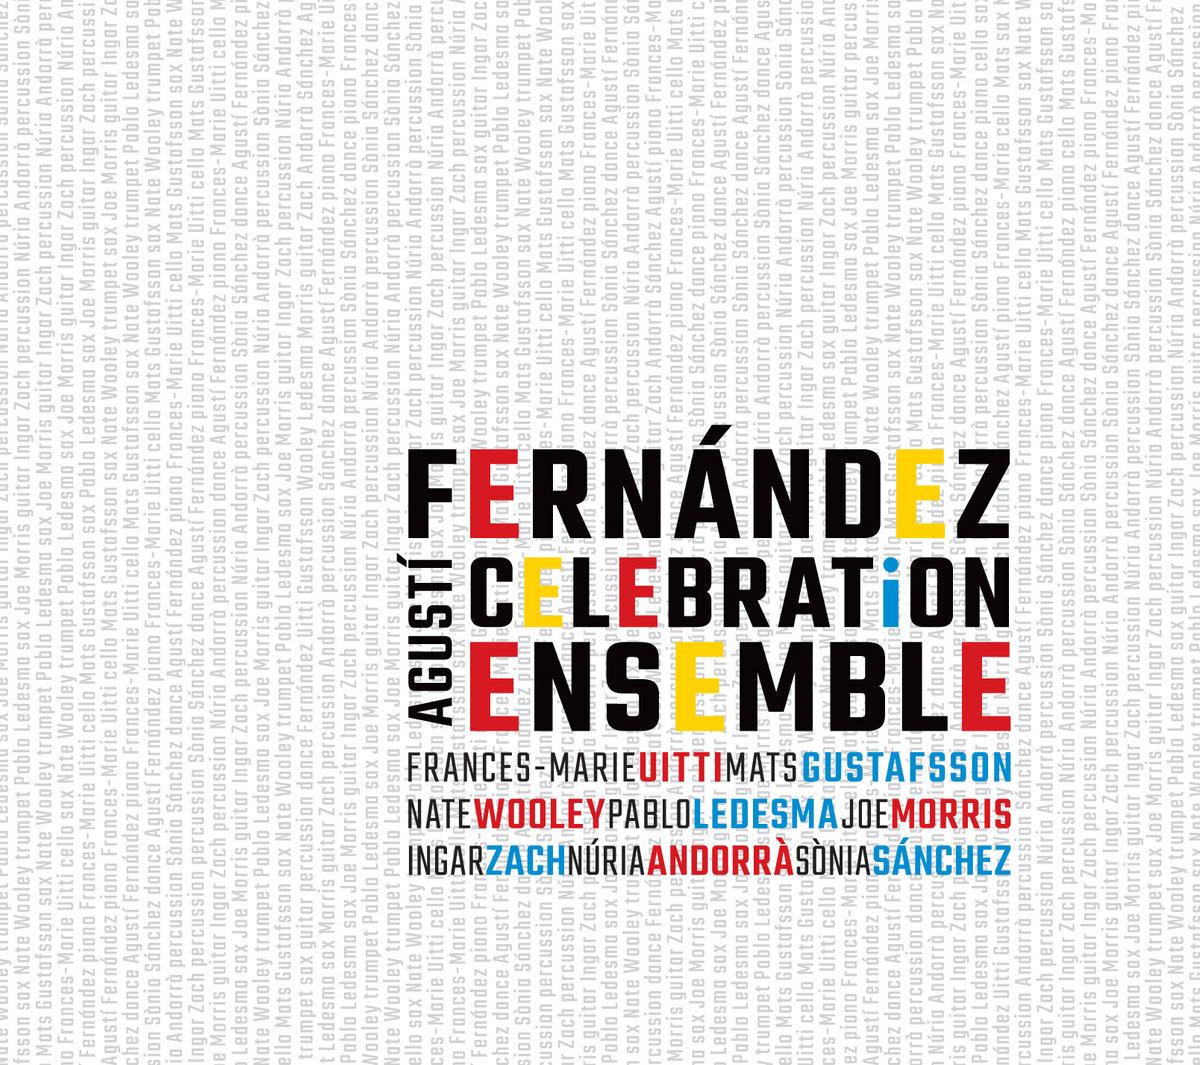 Celebration Ensemble | Fundacja Słuchaj